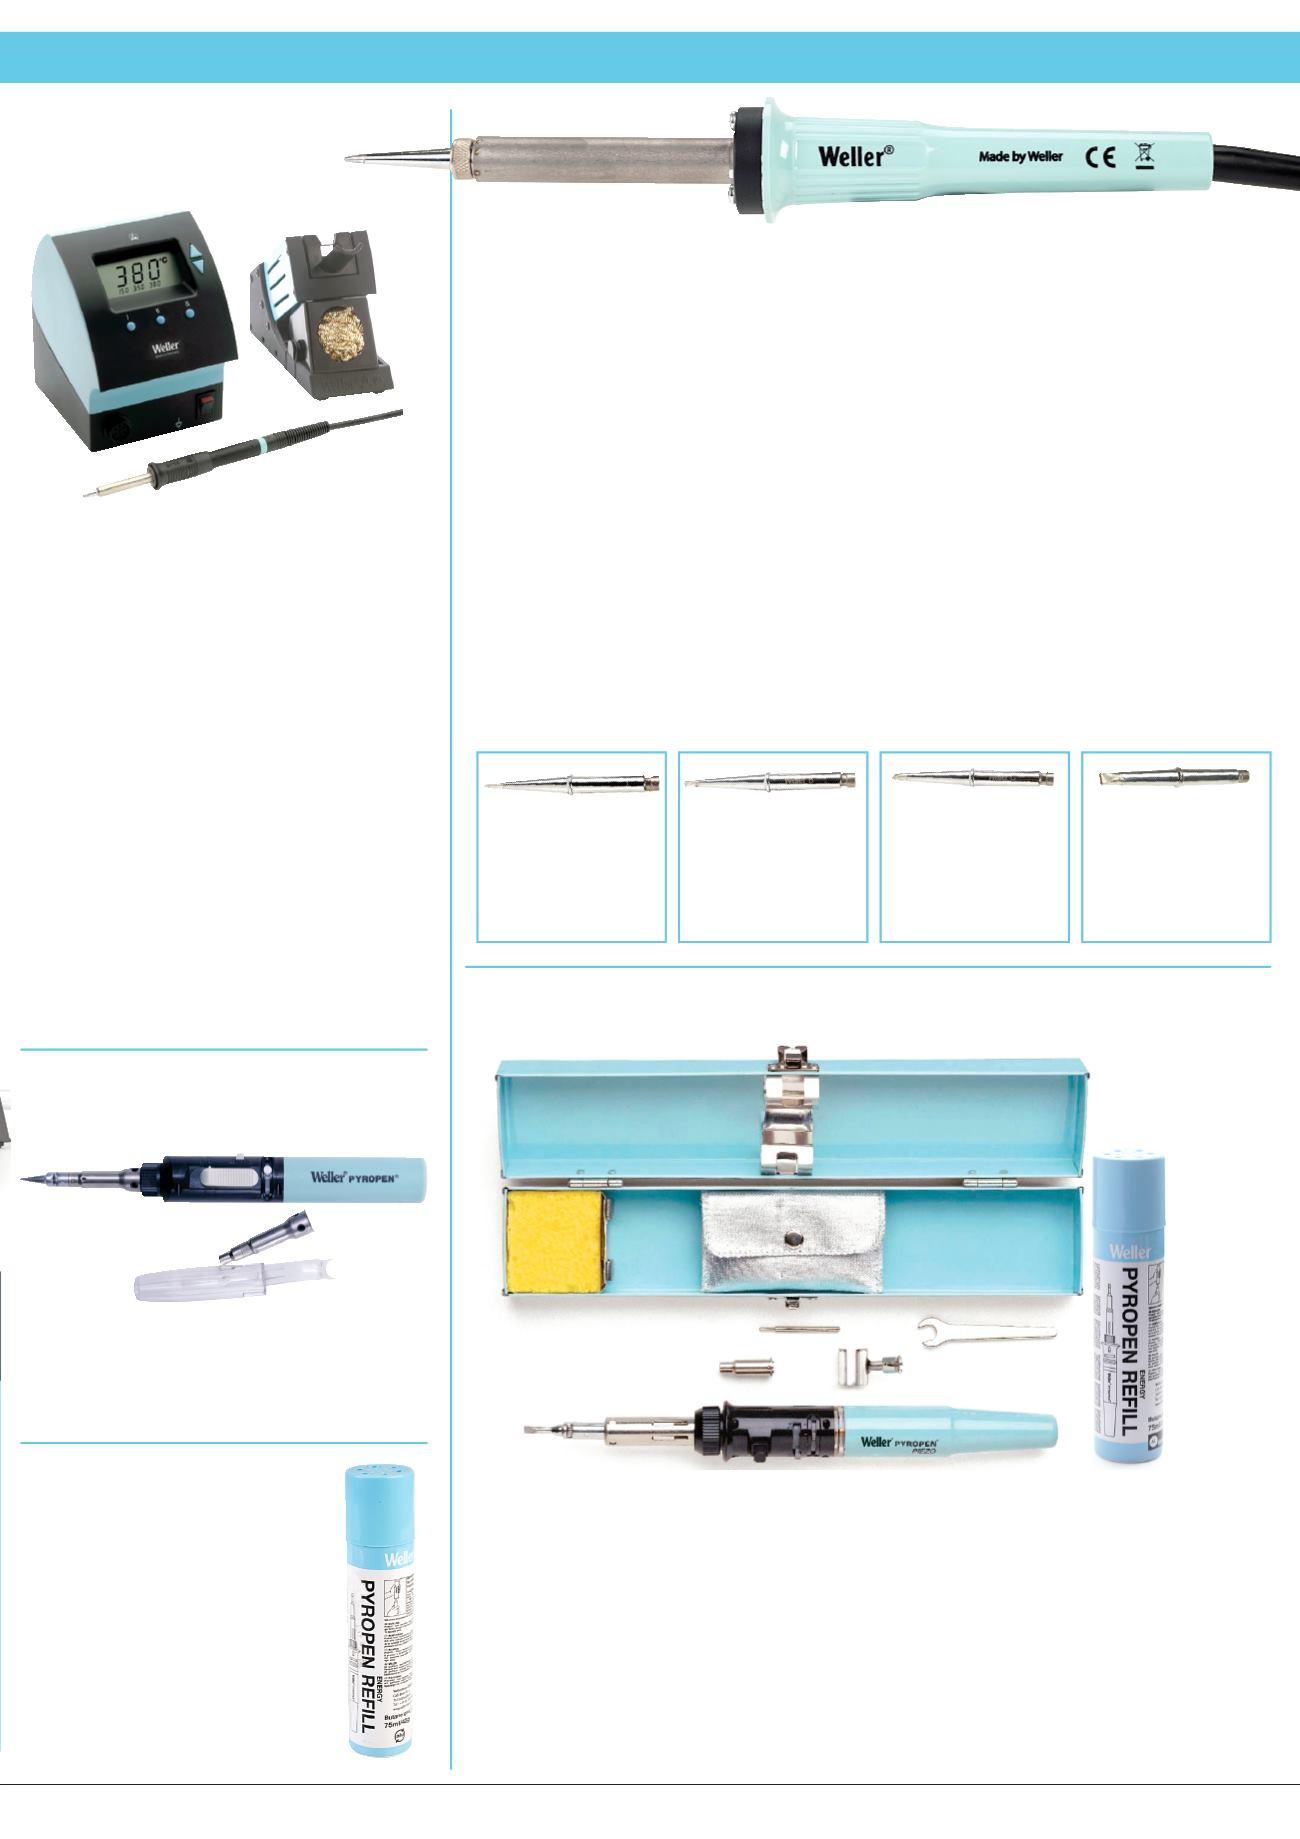 CT5-A8 425 °C Weller CT5A8 soldering tip for MAGNASTAT W61